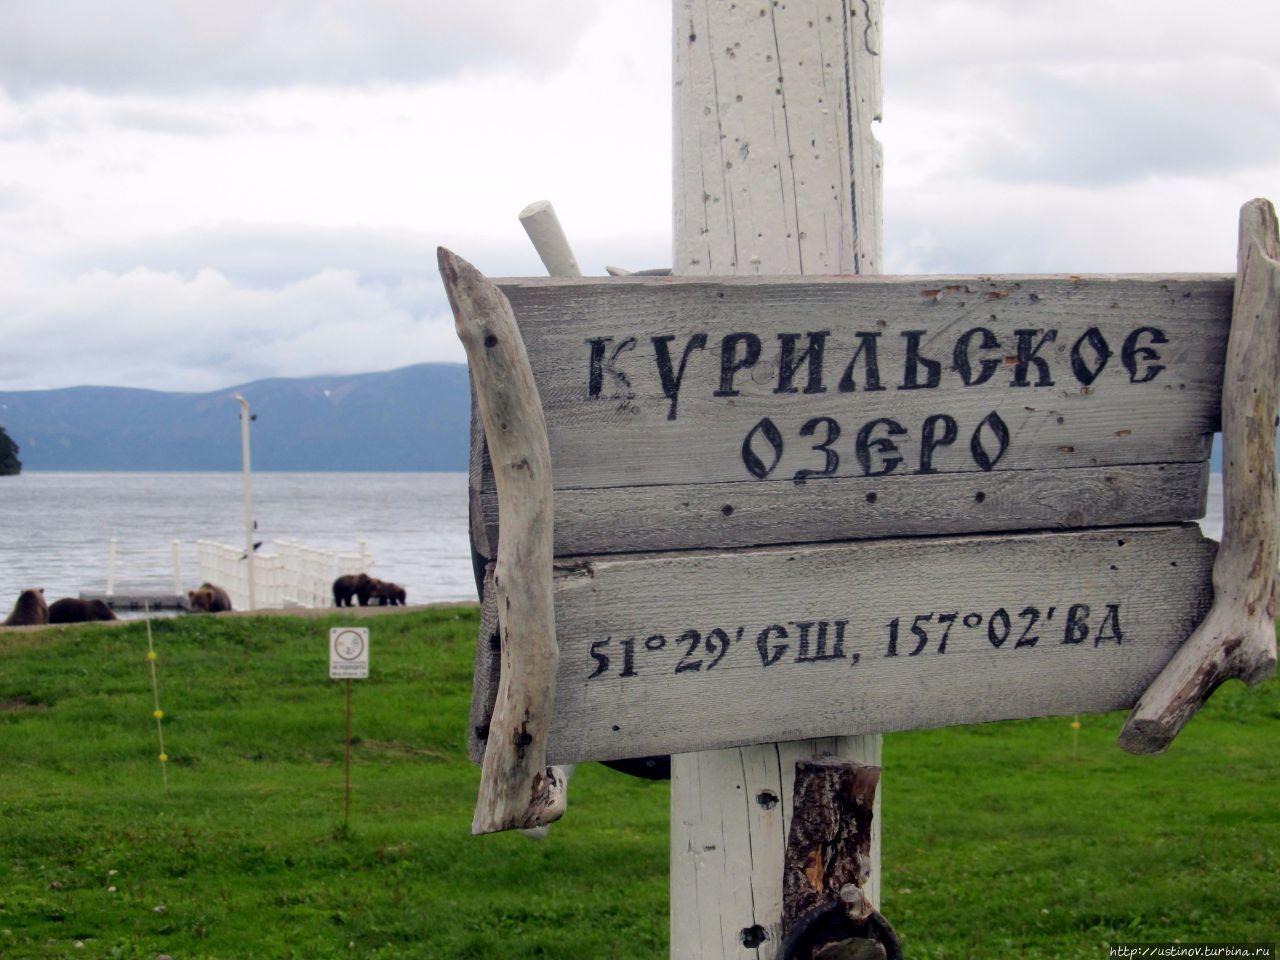 """Жизнь в """"медвежьем углу"""", или История волонтера на Курильском озере"""